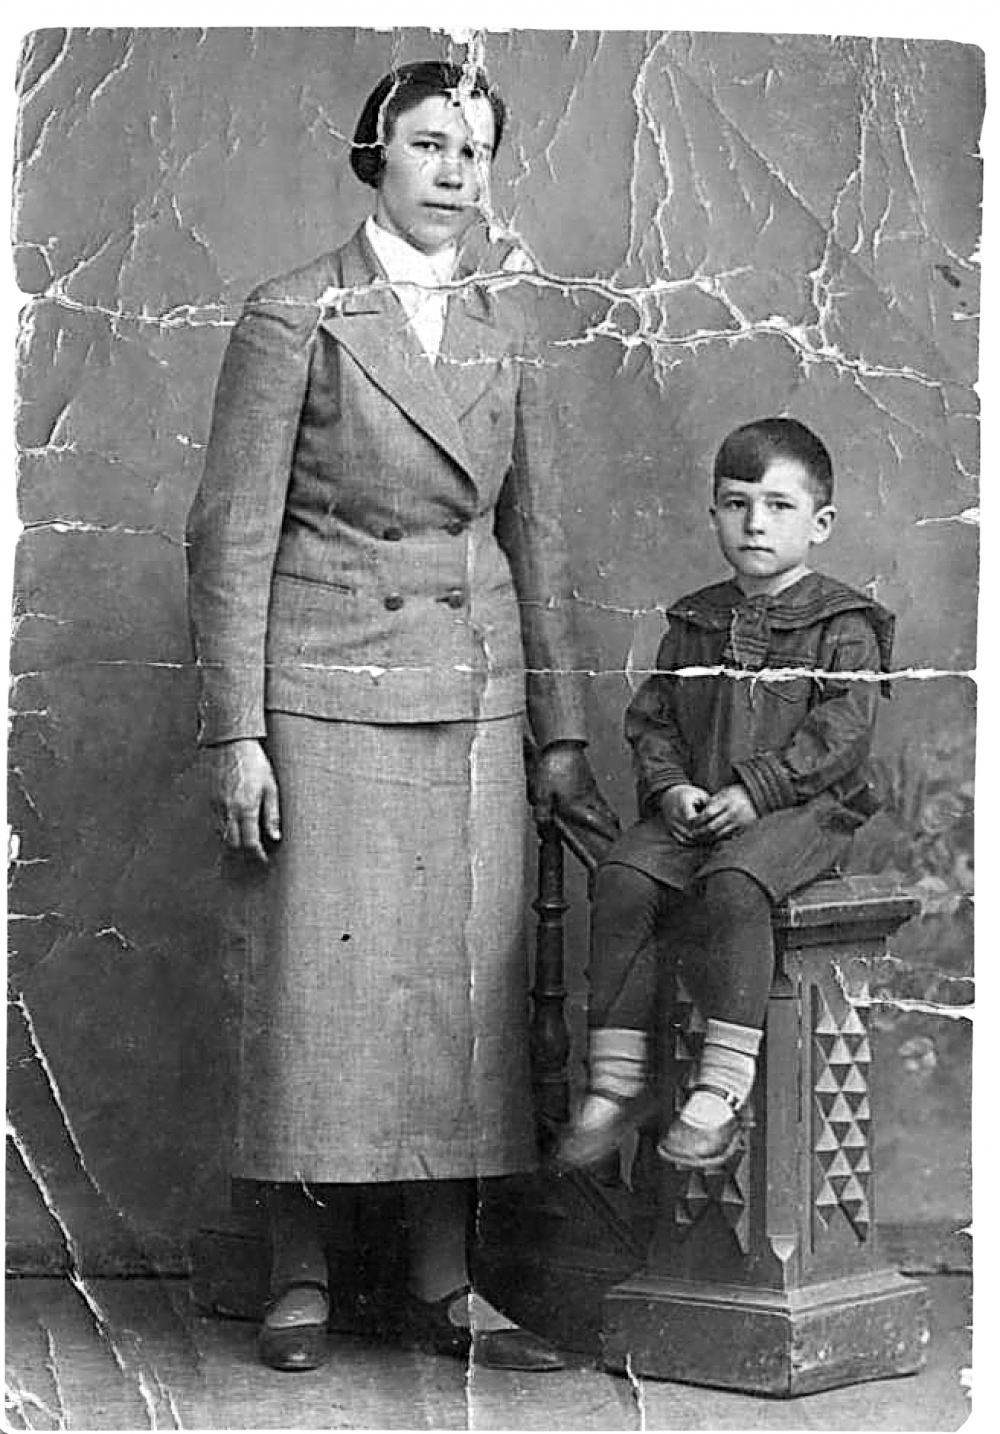 Фотография жены и сына у Павла Лошкарёва всегда была с собой... Вплоть до его гибели в 1944 году.